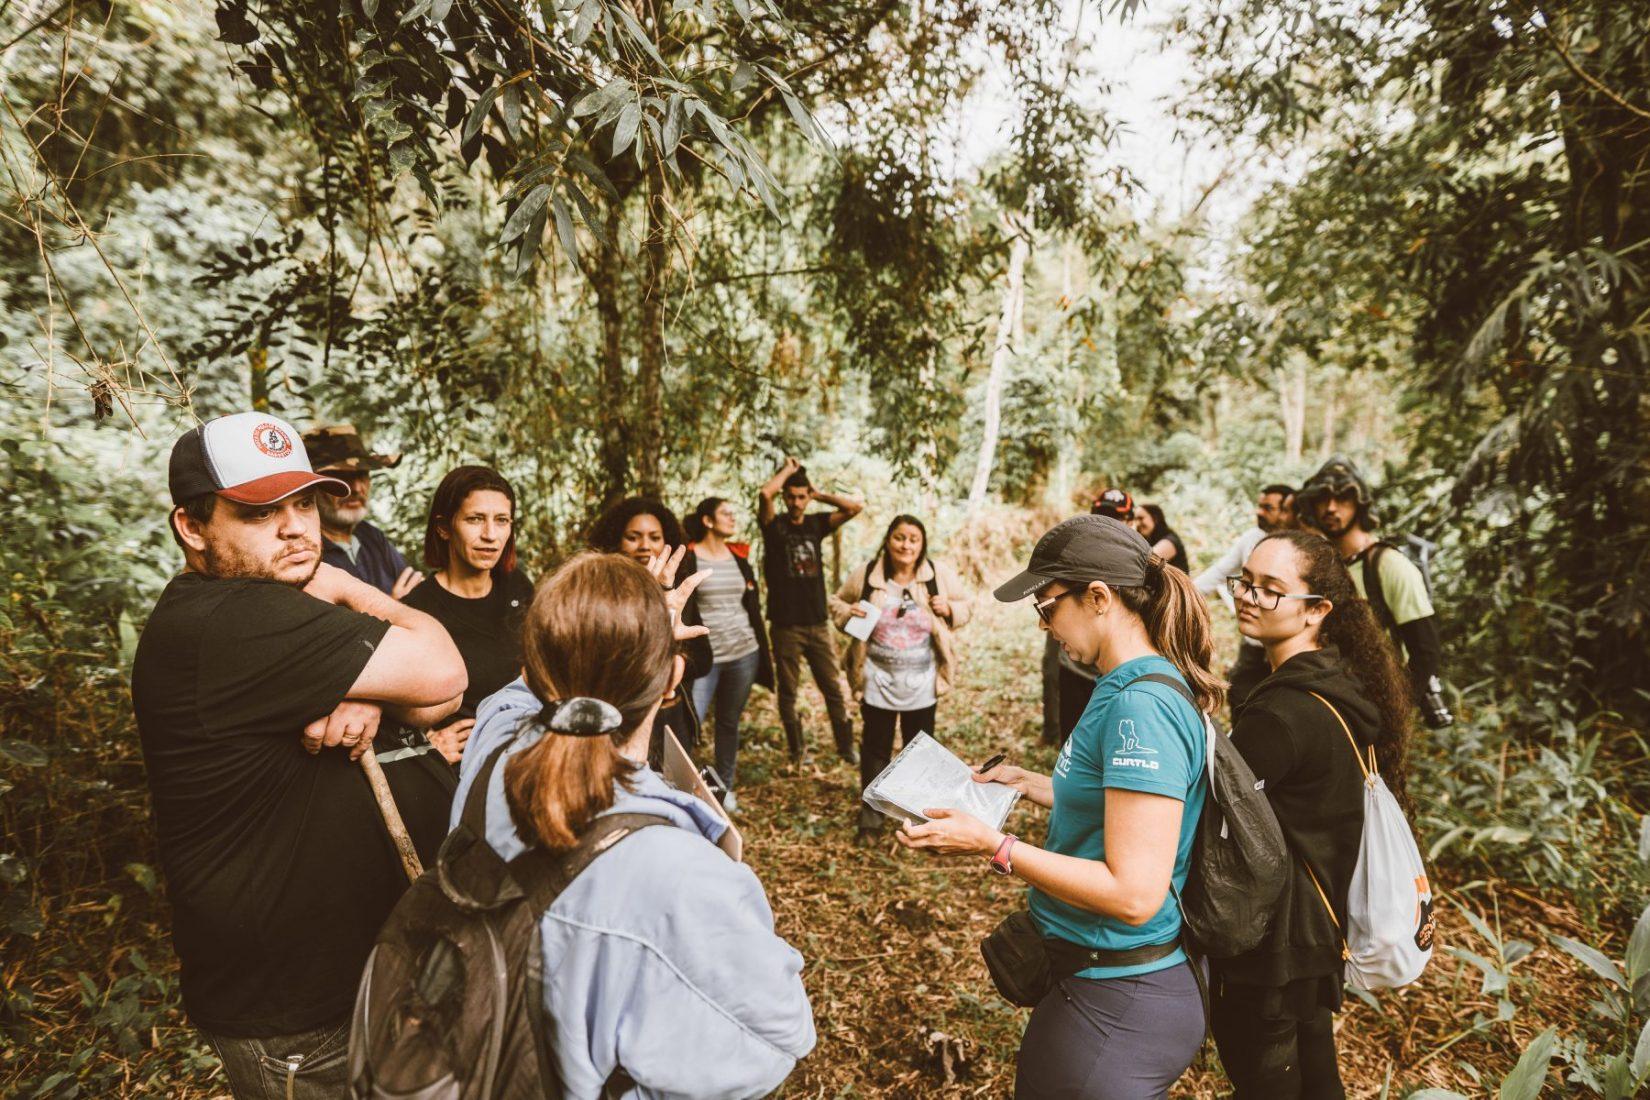 Planejamento turístico local: desafios e soluções para entender o cenário do seu destino